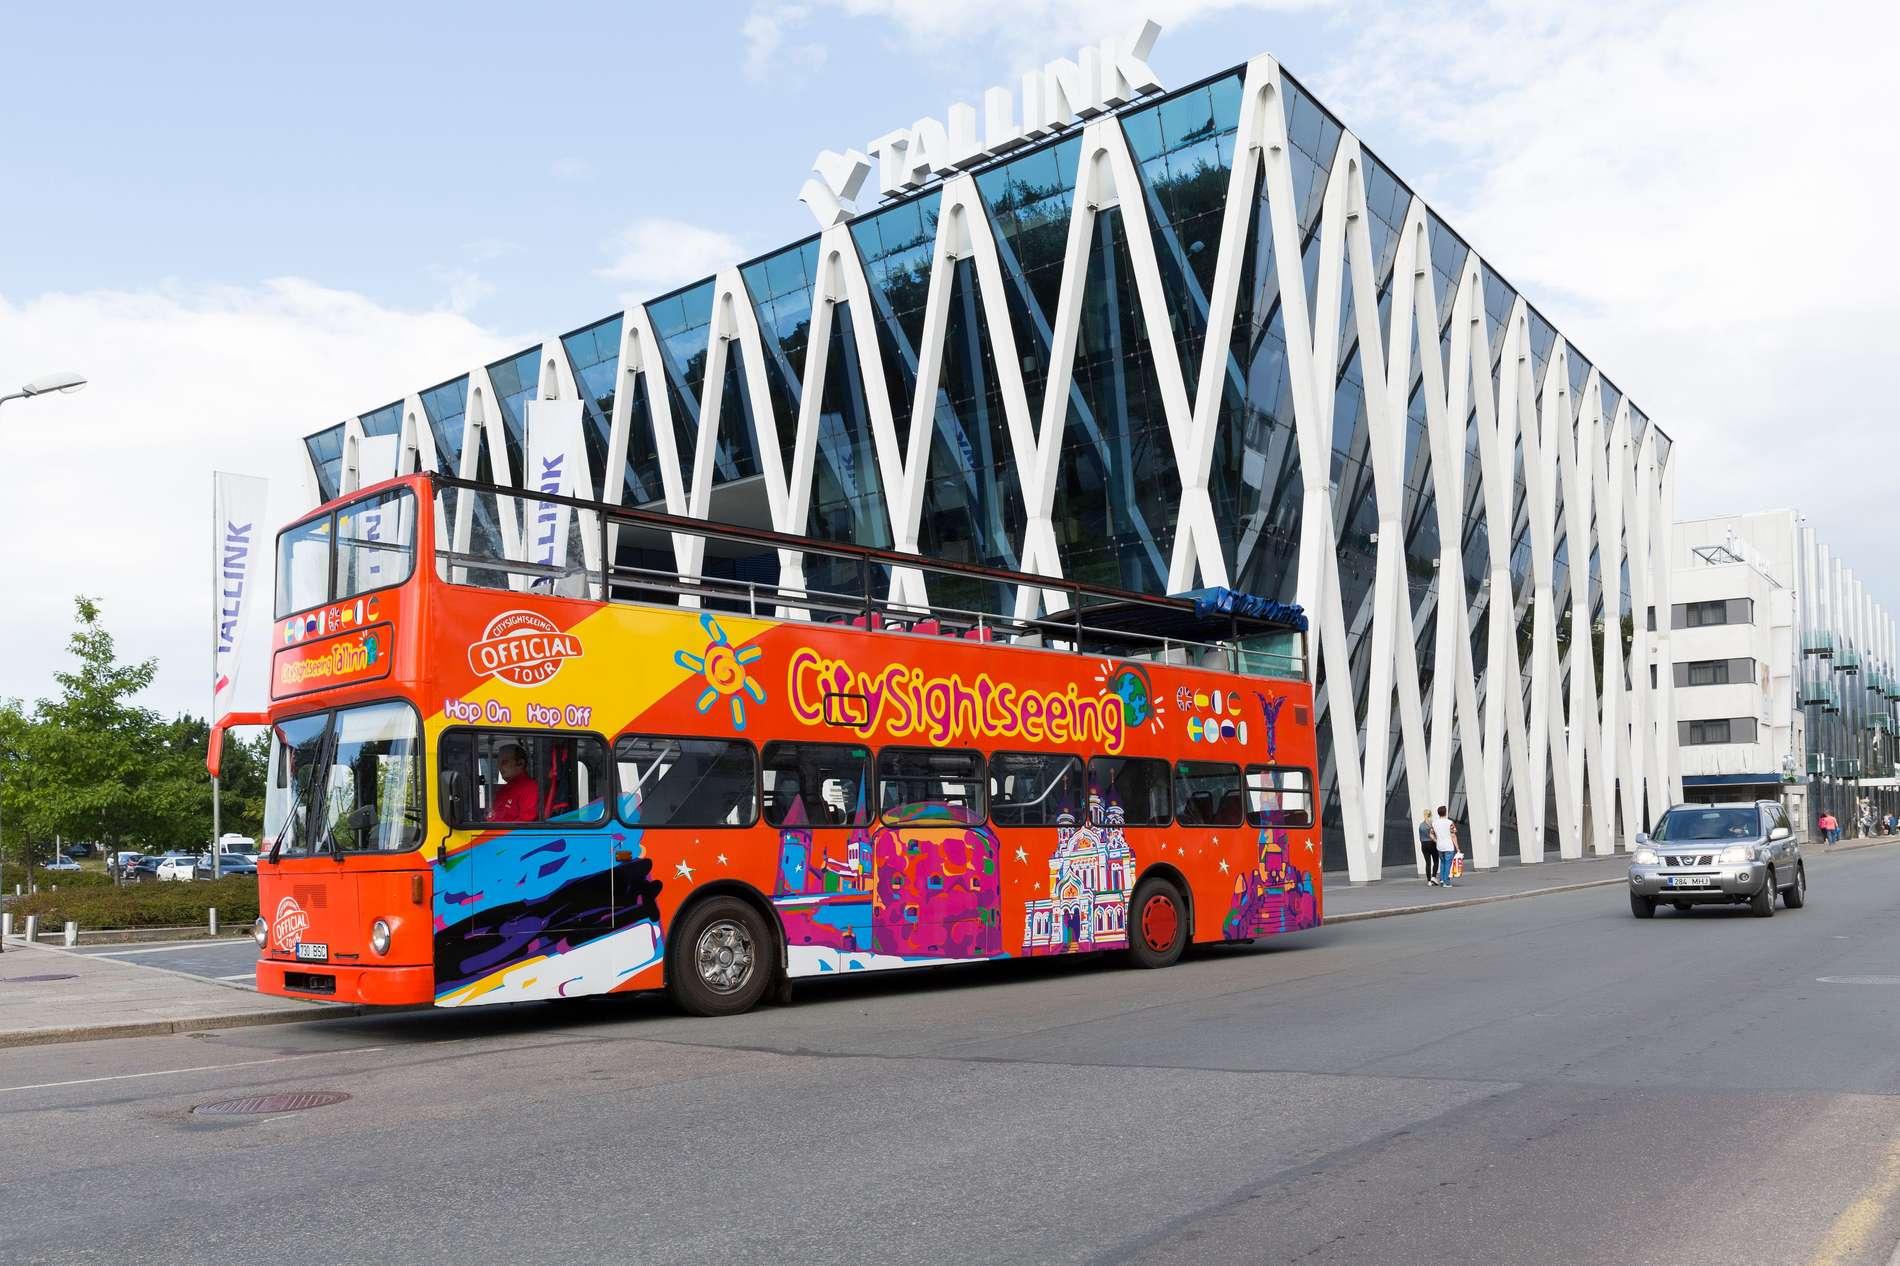 Экскурсии CitySightseeing Tallinn – экскурсии на автобусах с открытой верхней площадкой